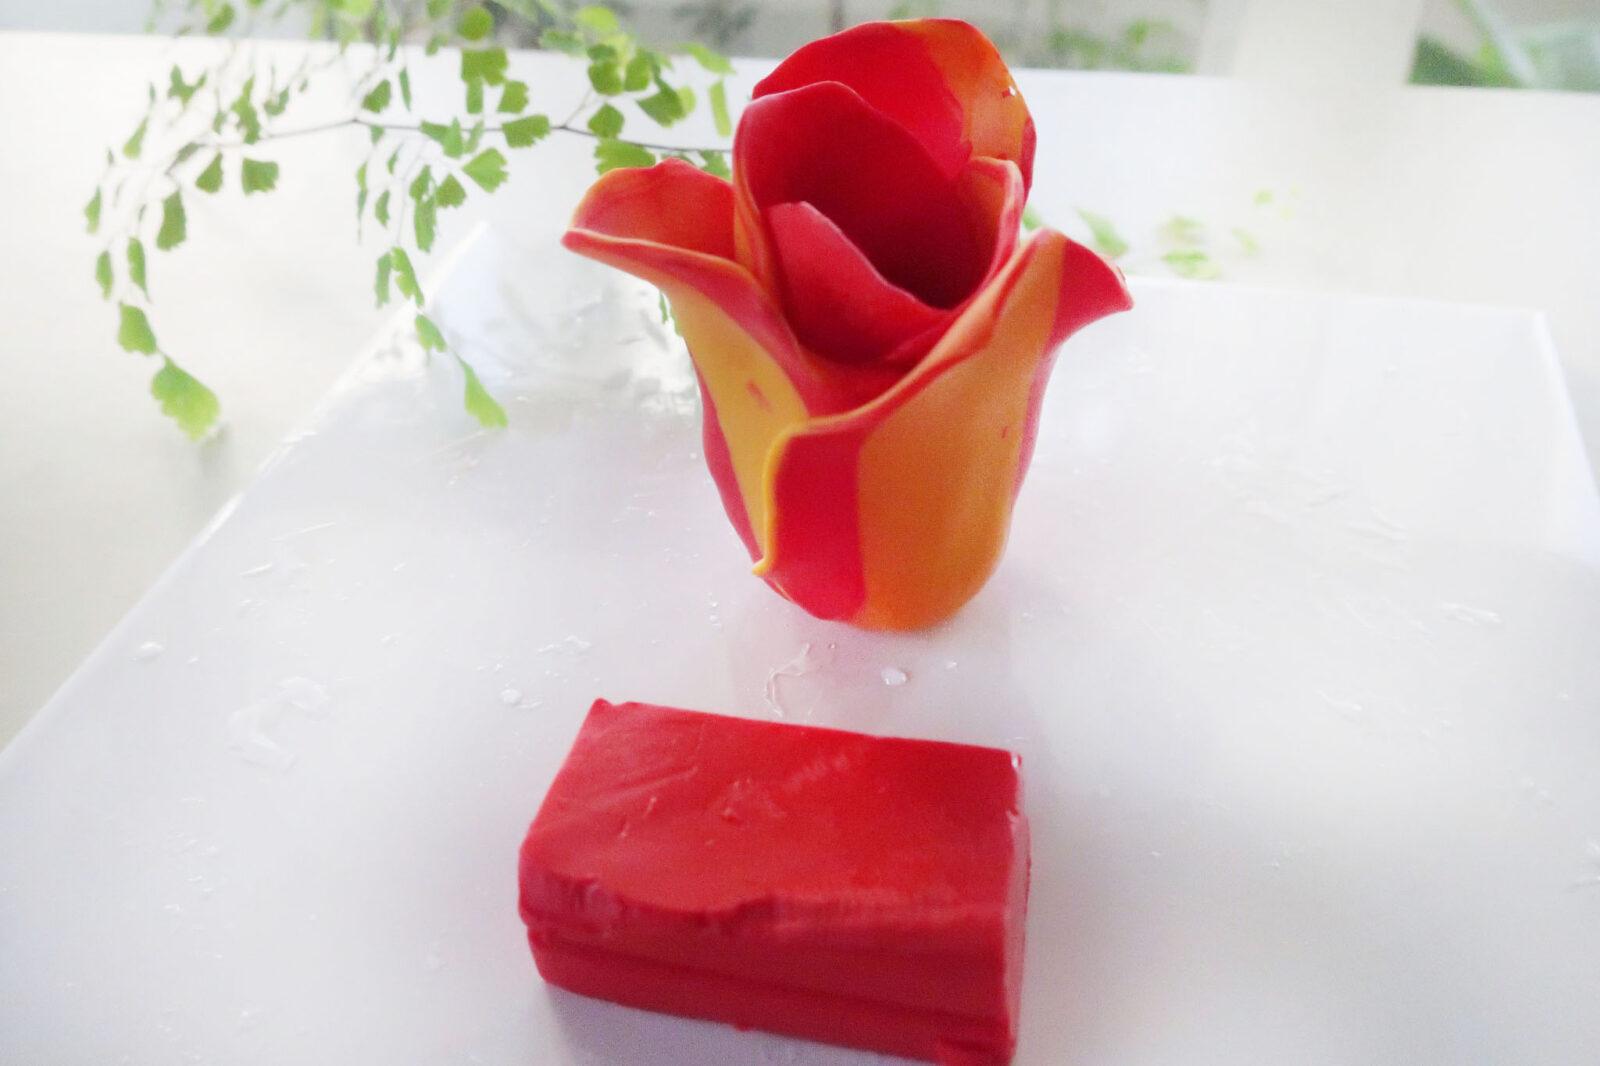 ポリマークレイ(オーブン粘土)の作り方チューリップ